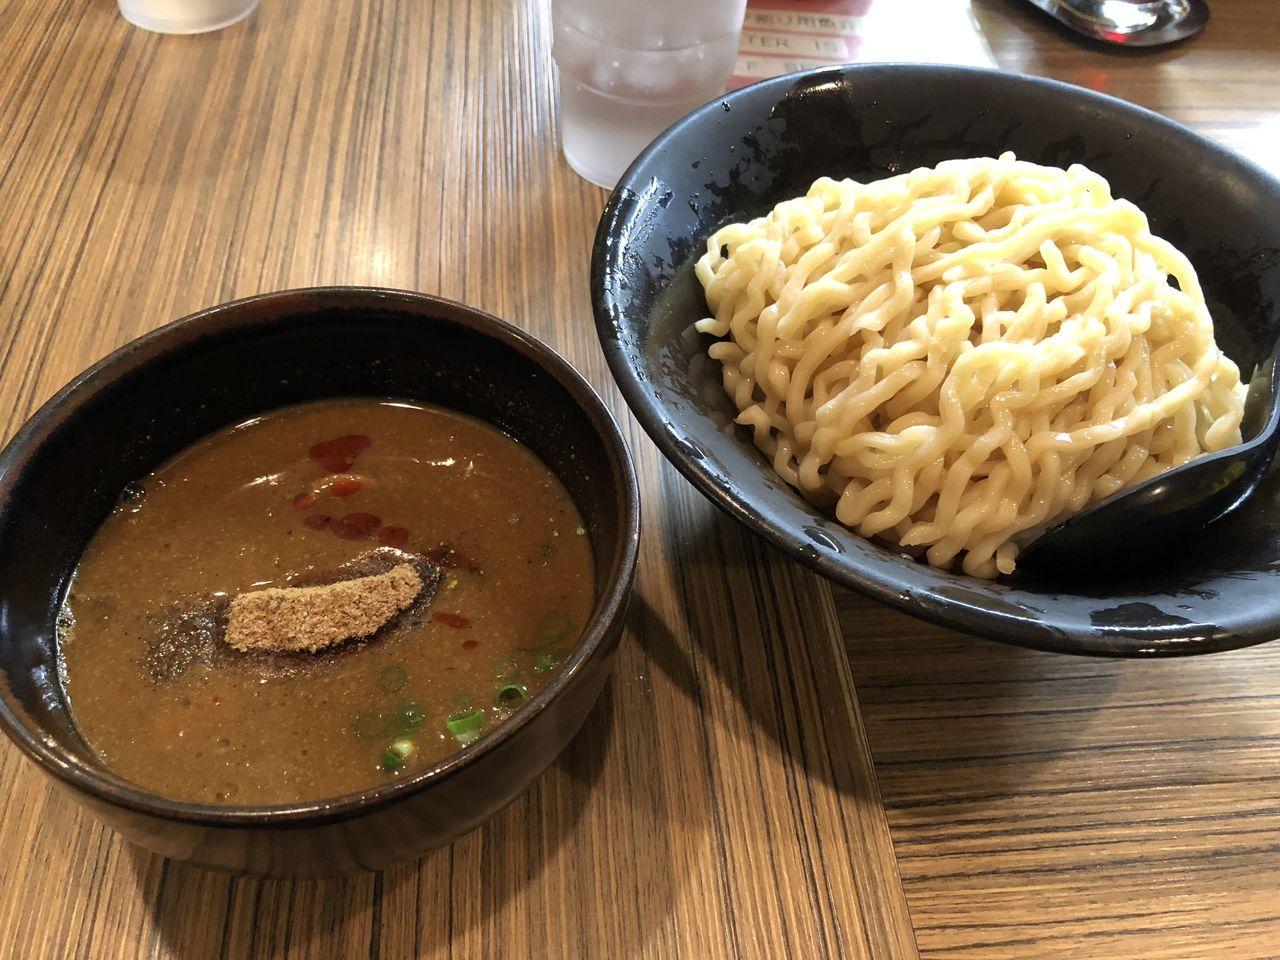 吟醸らーめん 久保田 本店 「吟醸つけ麺 味噌」 2018年5月